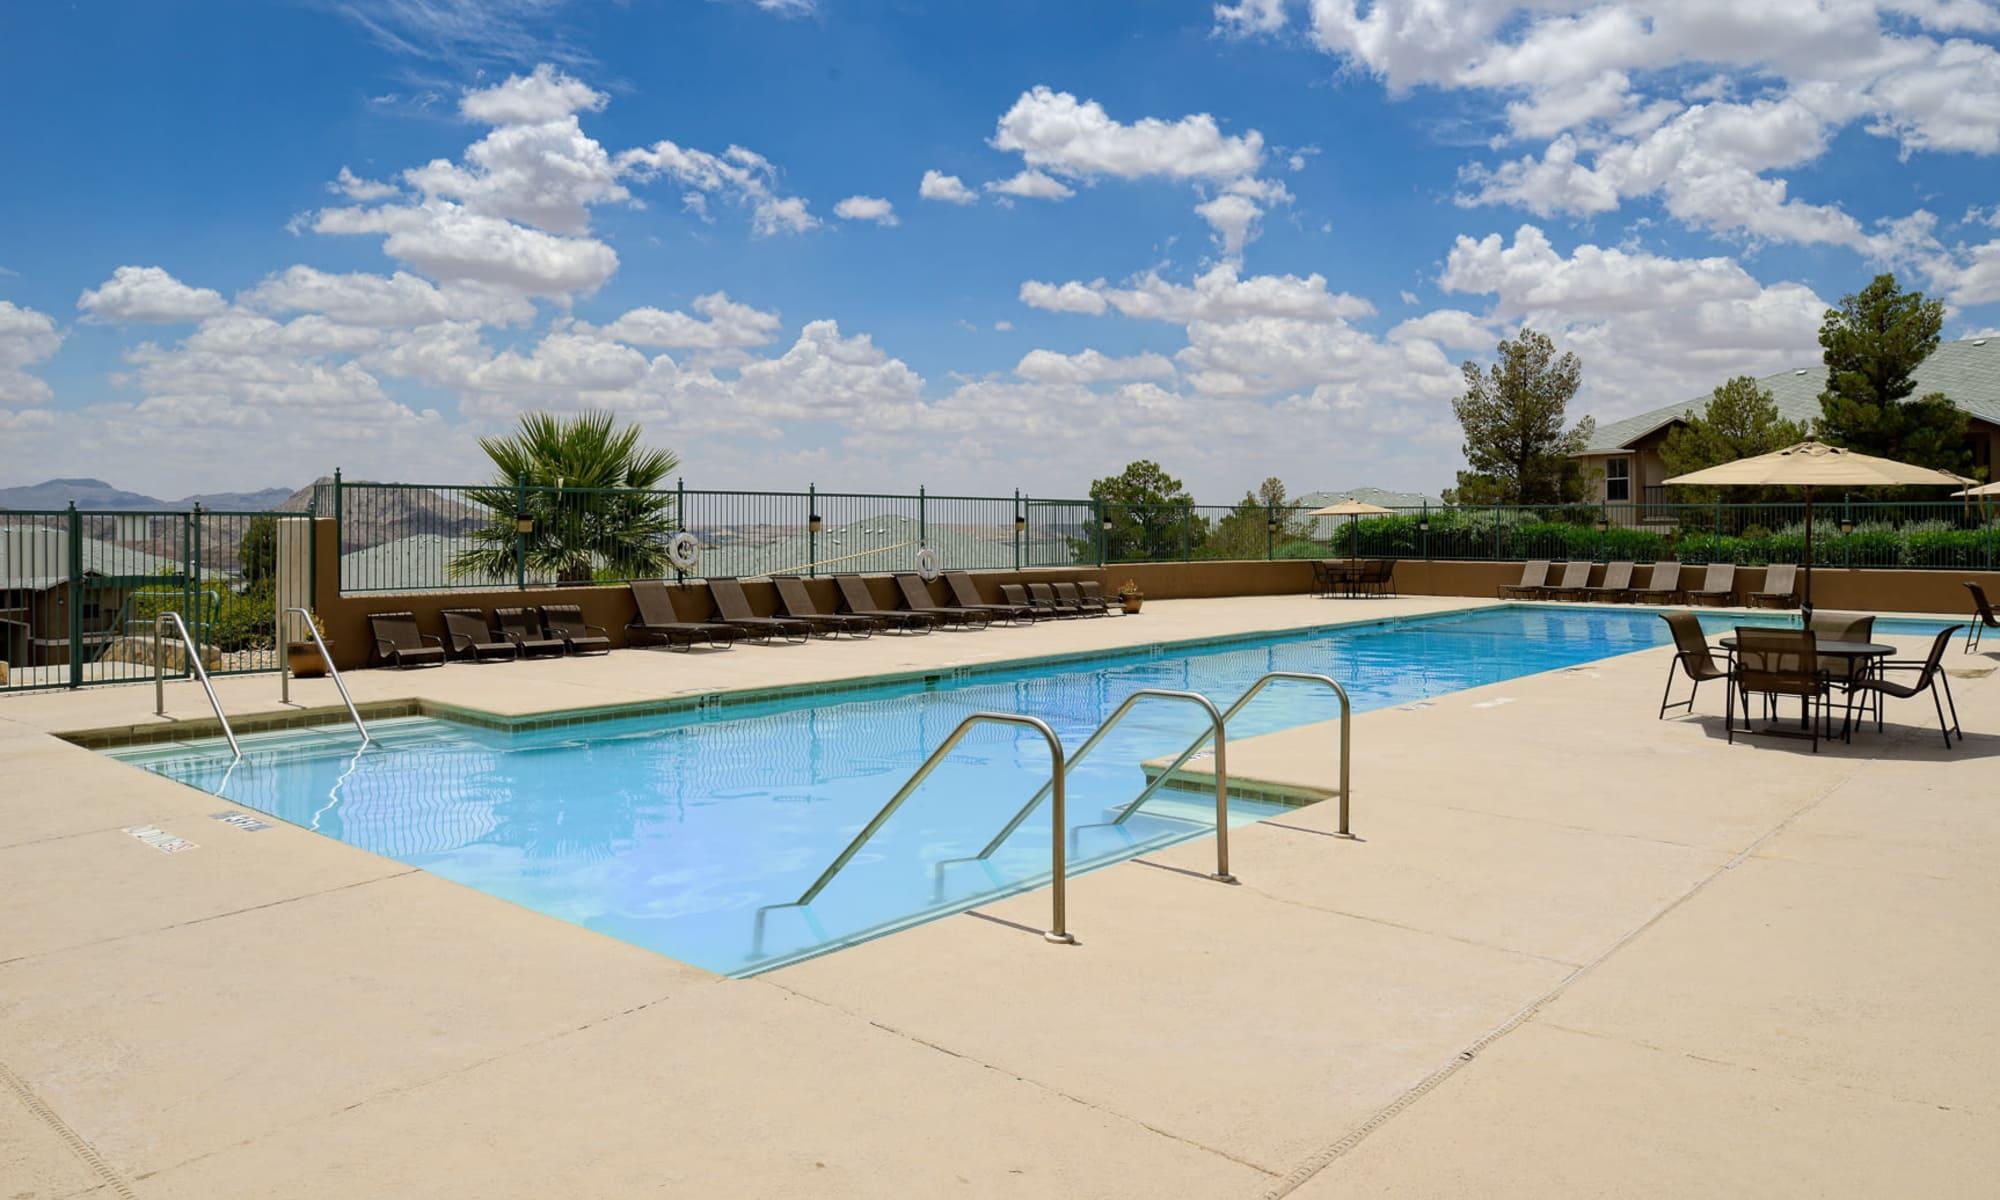 West El Paso Tx Apartments Acacia Park Apartments